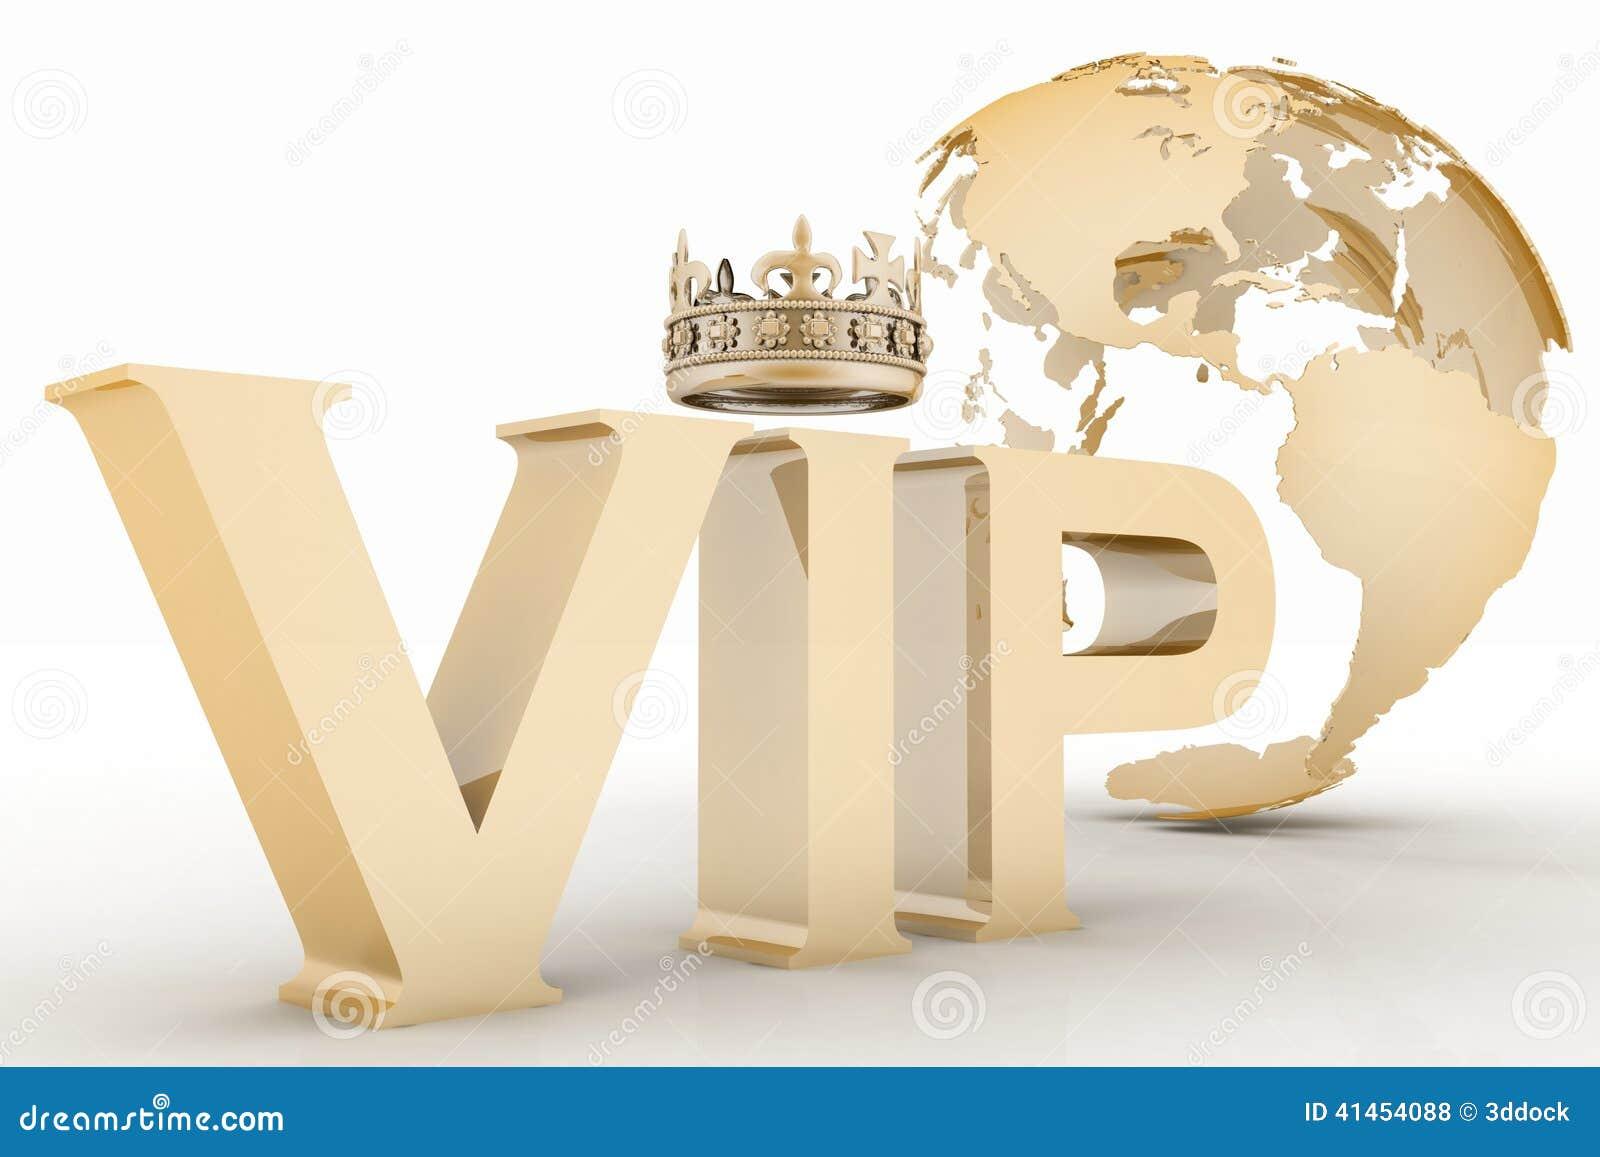 Abreviatura do VIP com uma coroa